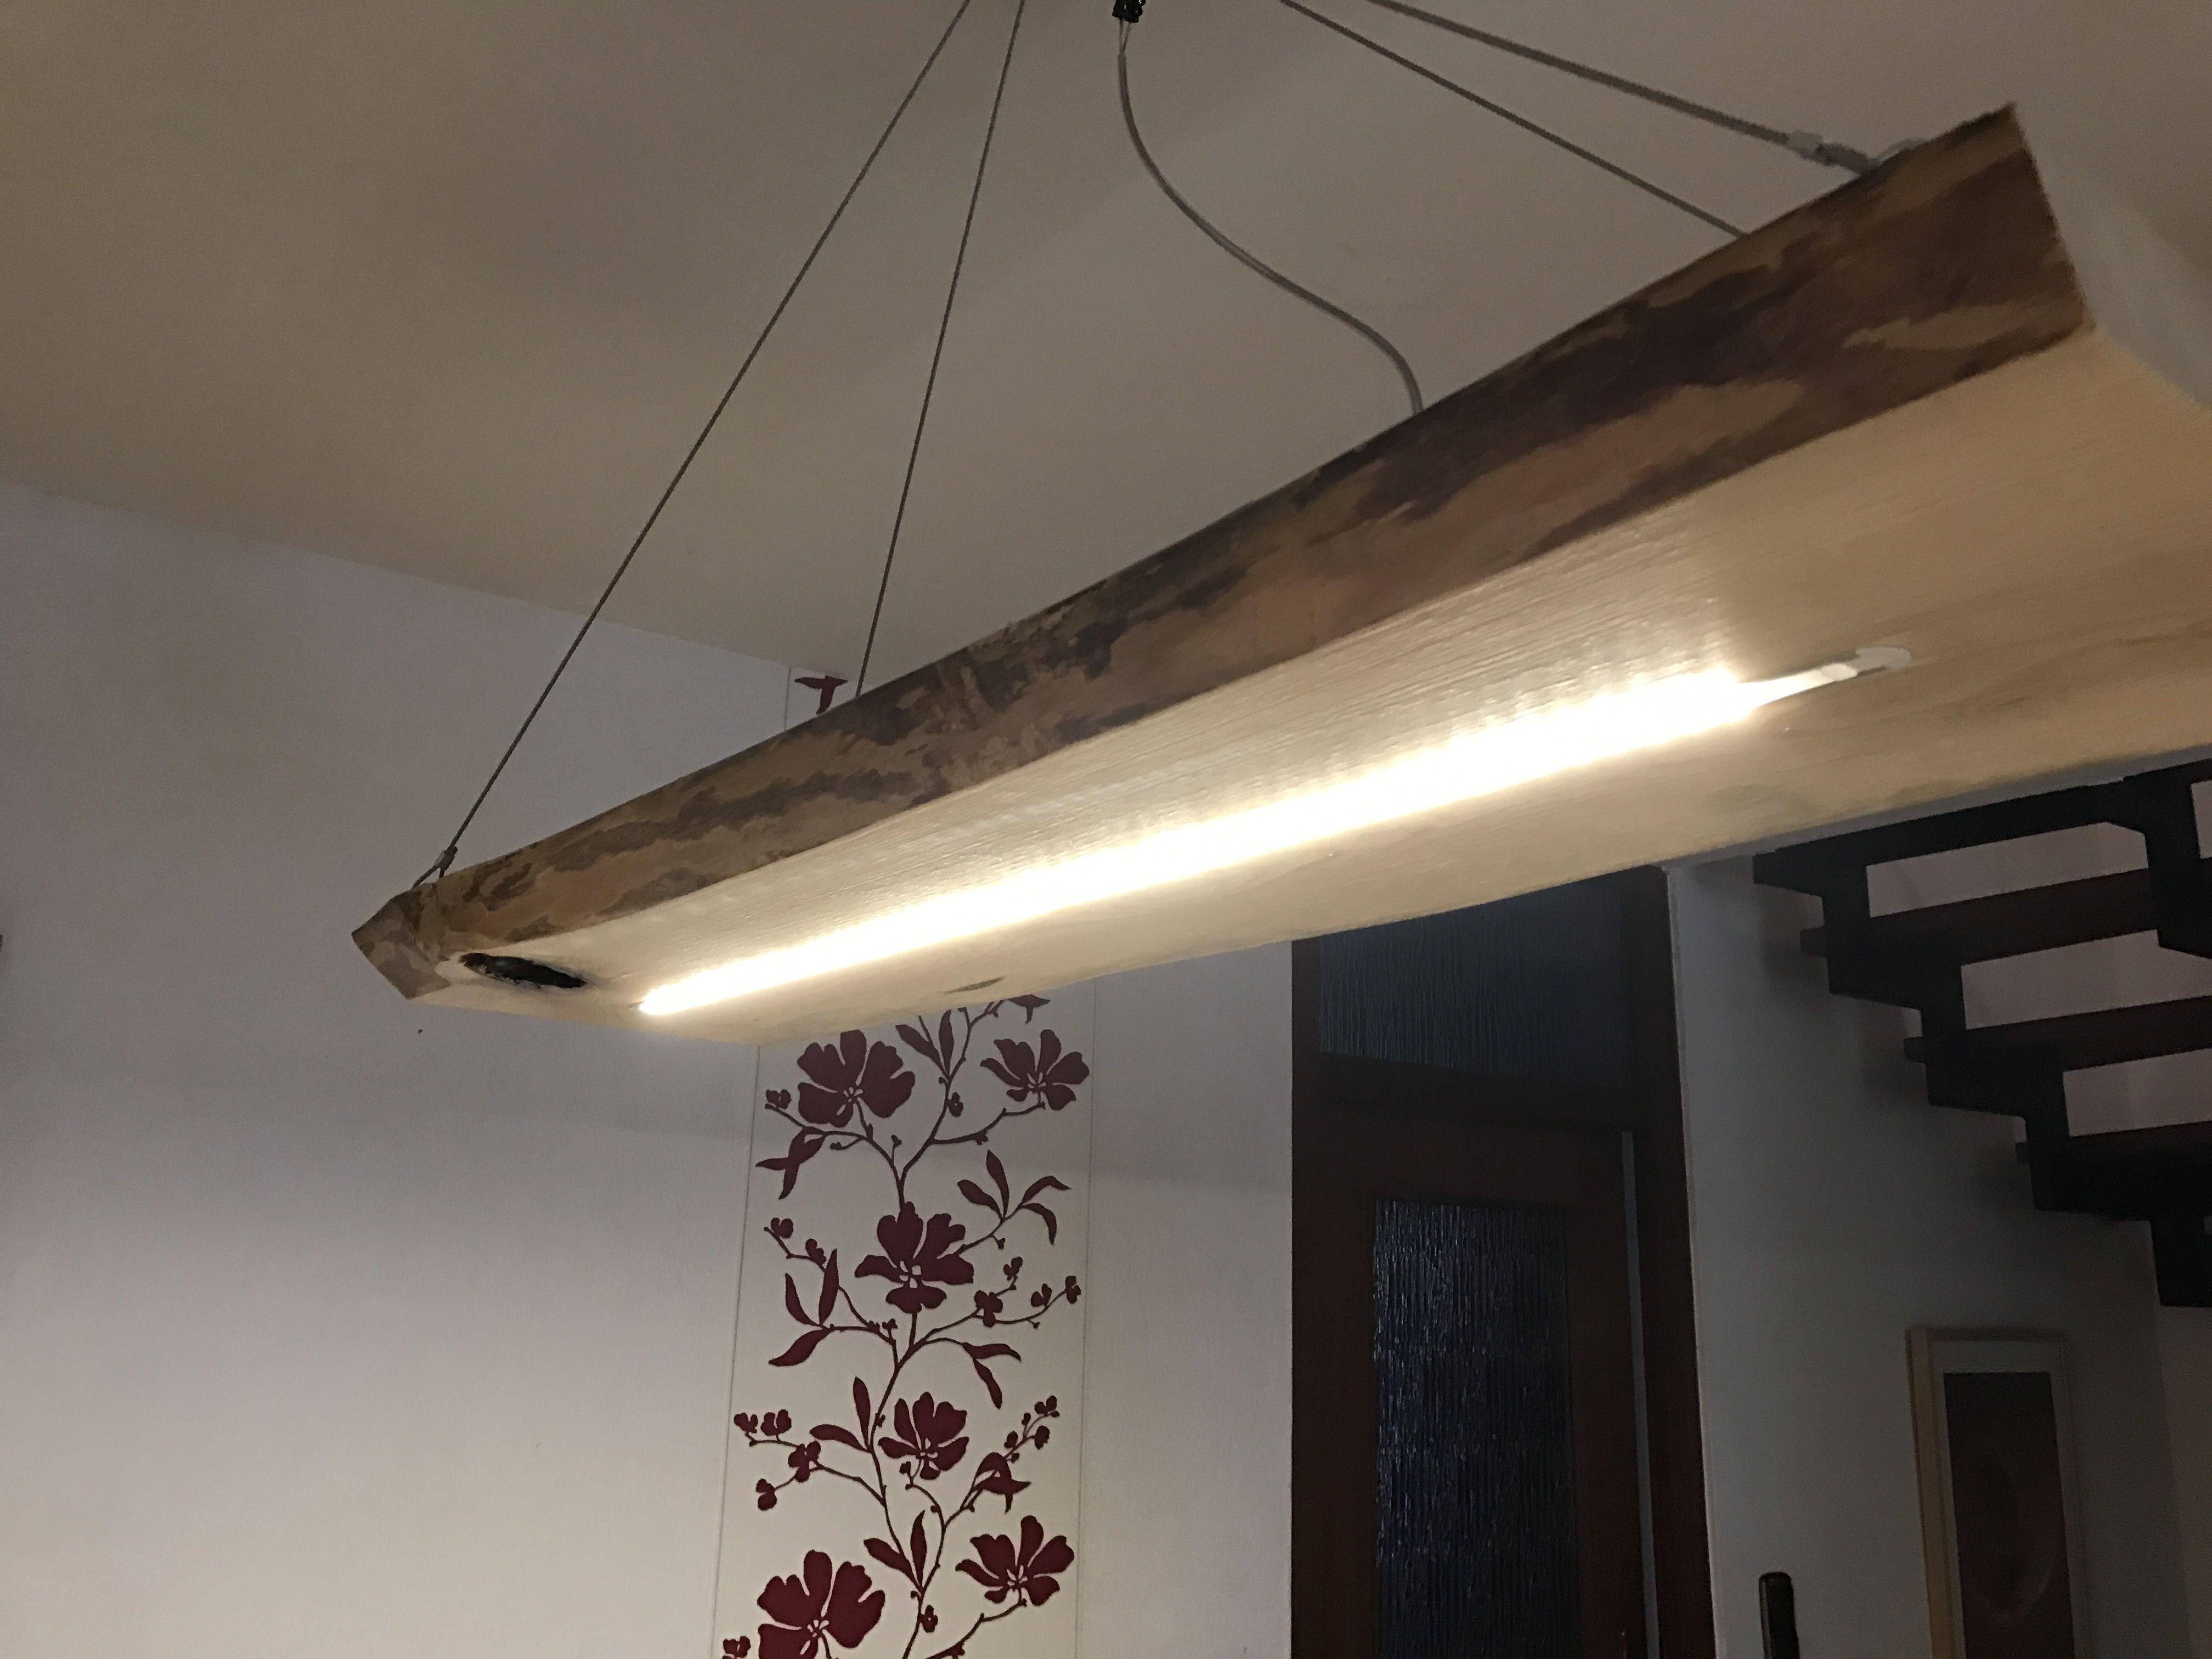 Günstige Wohnzimmerlampen ~ Pin von blockholz schmiede auf led holz lampen natur rustikal